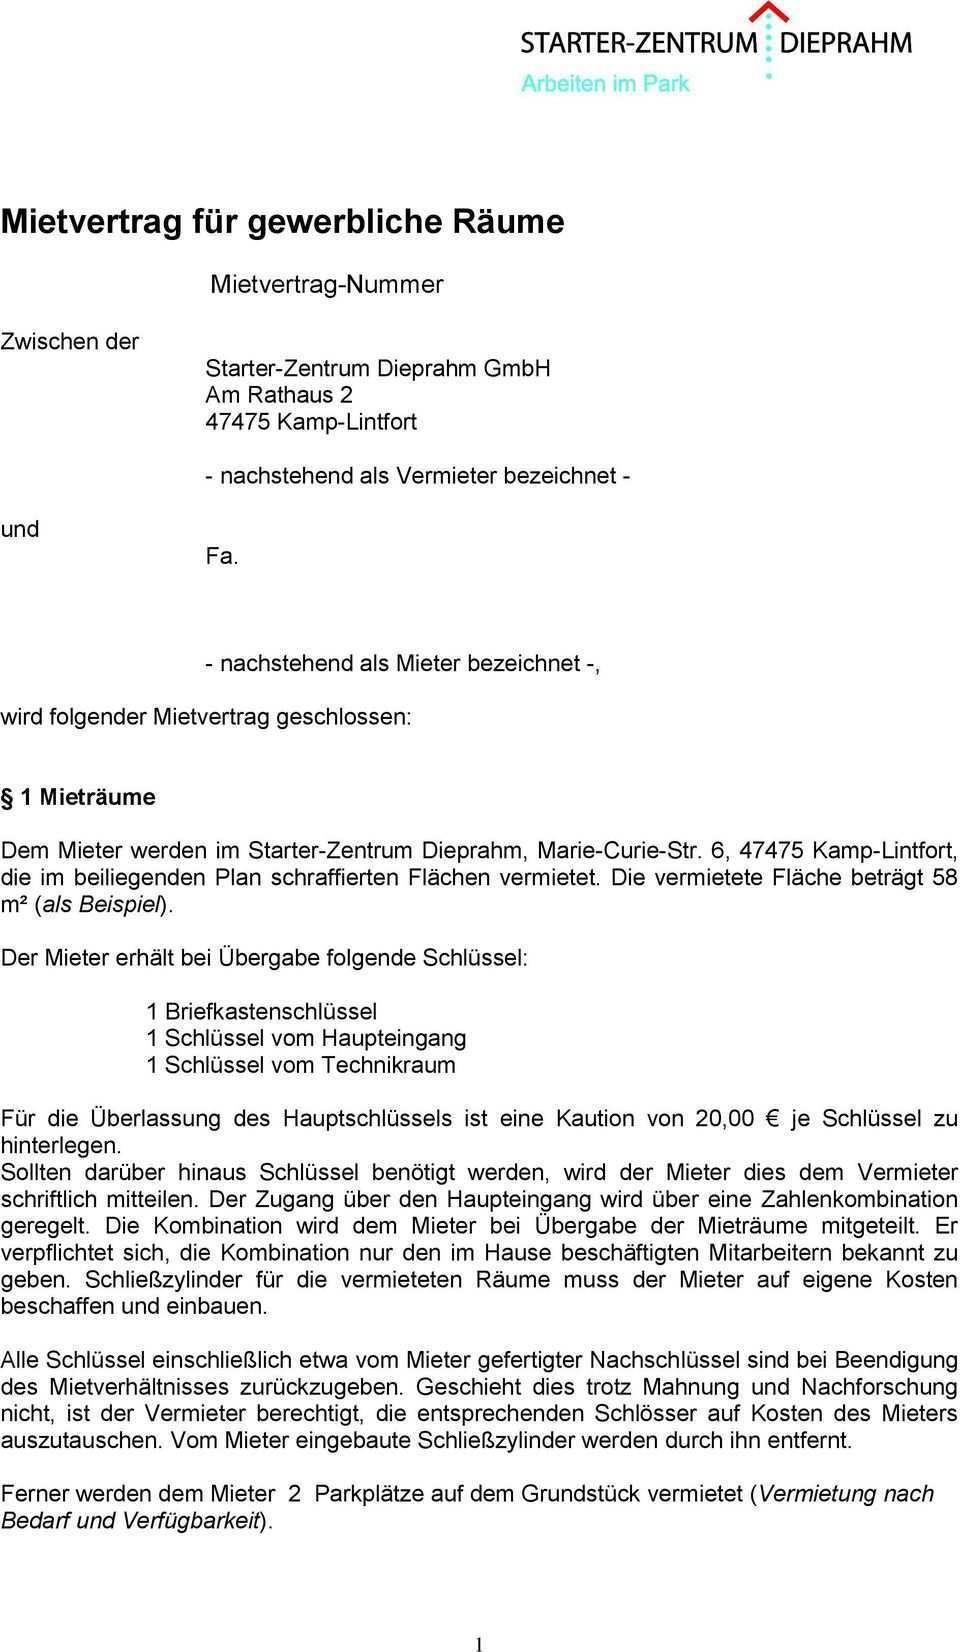 Mietvertrag Fur Gewerbliche Raume Pdf Kostenfreier Download